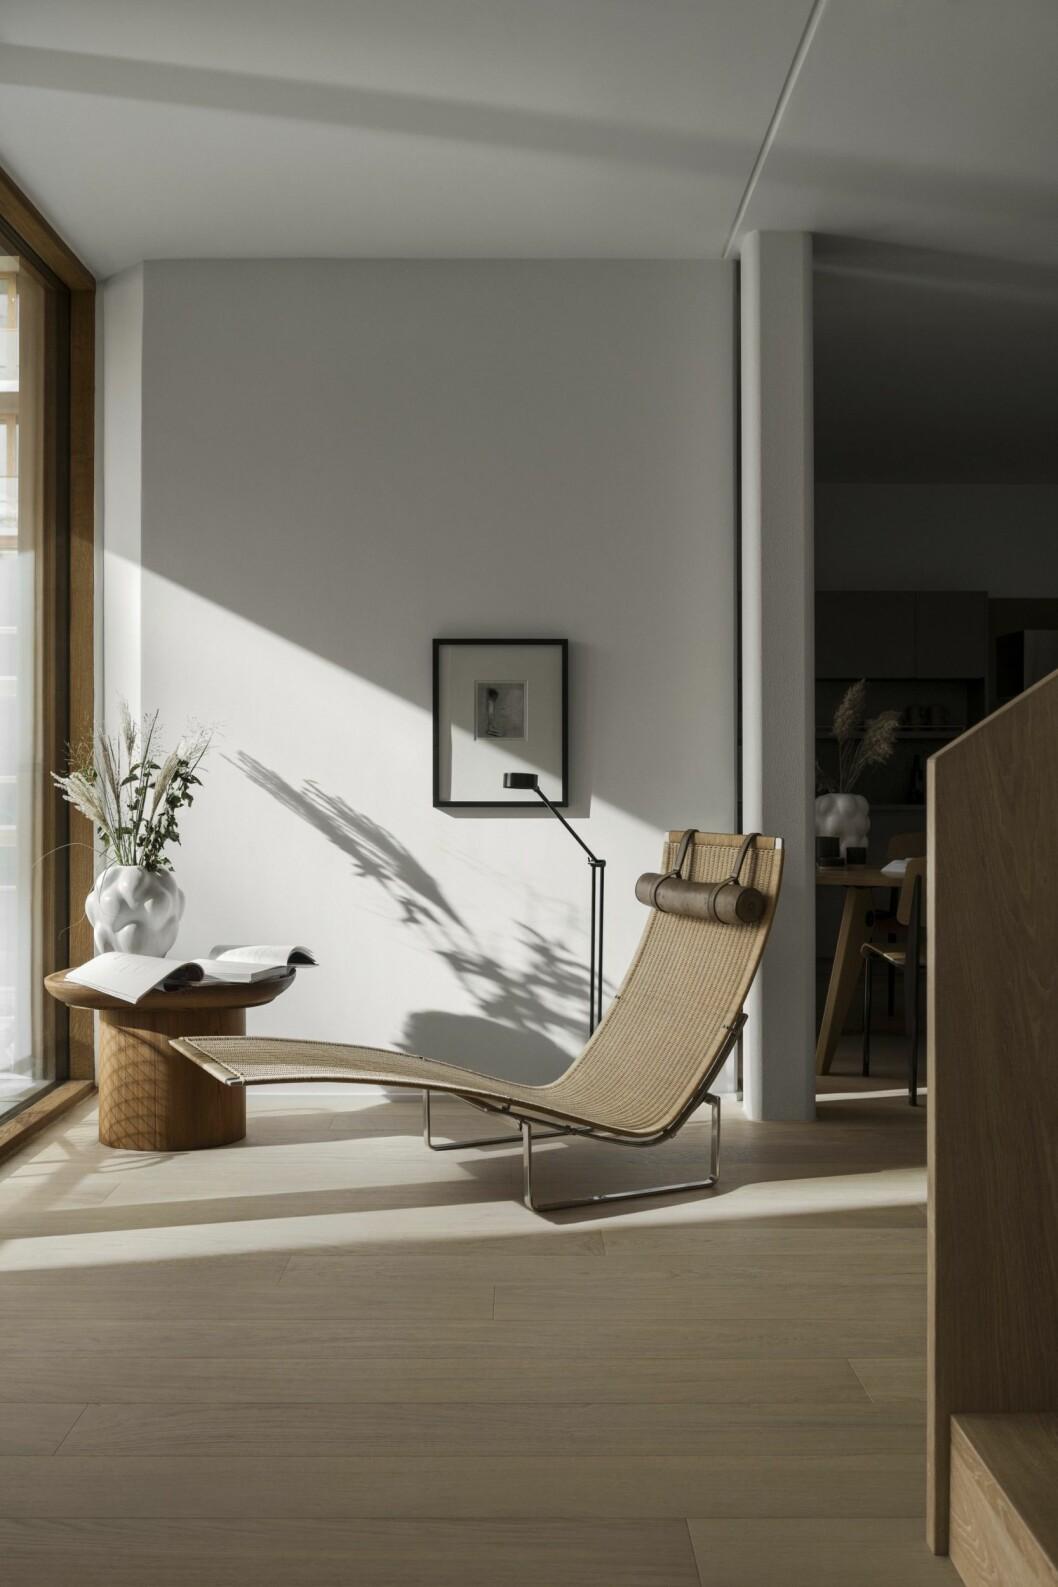 79 and park design Lotta Agaton interiors